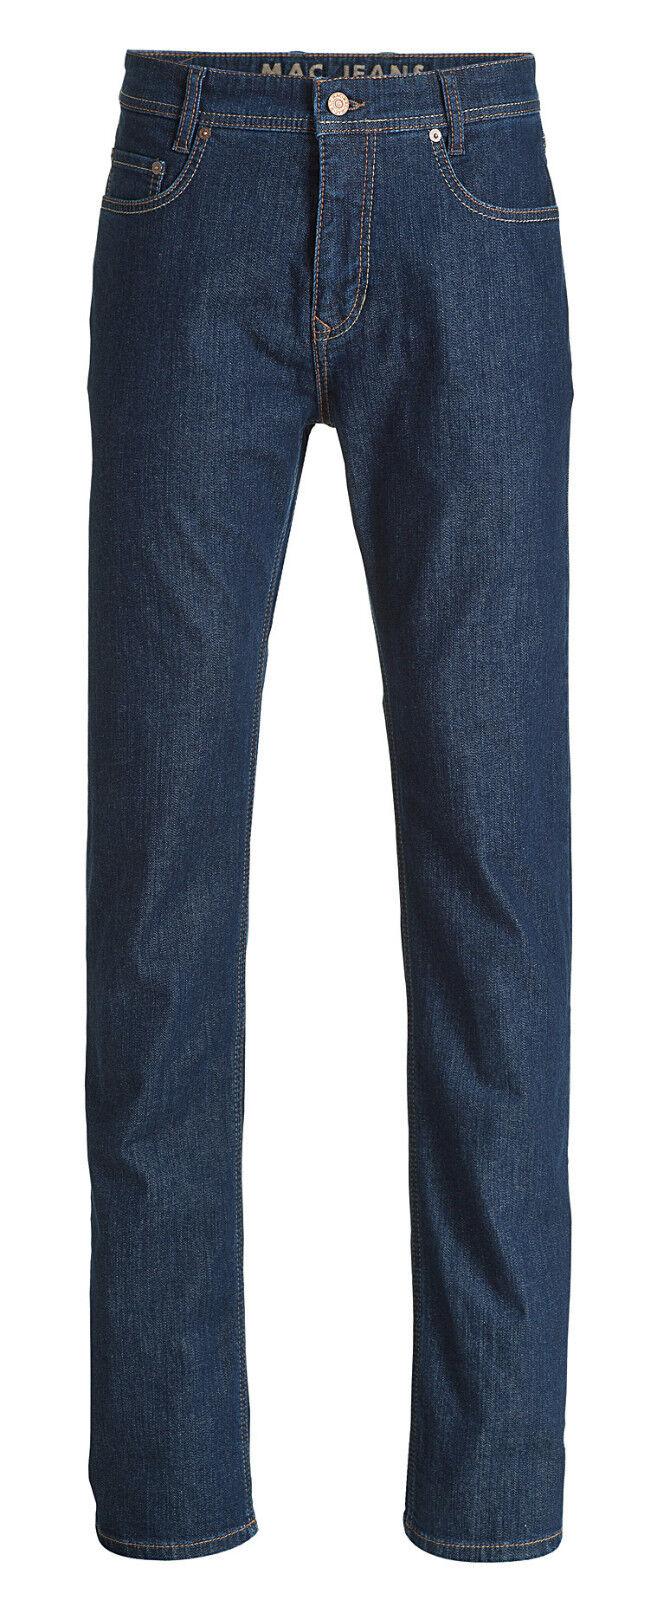 MAC Herren Jeans Arne 0501 NEU stone wash wash wash H602 Alle Größen Längen 7a34b4